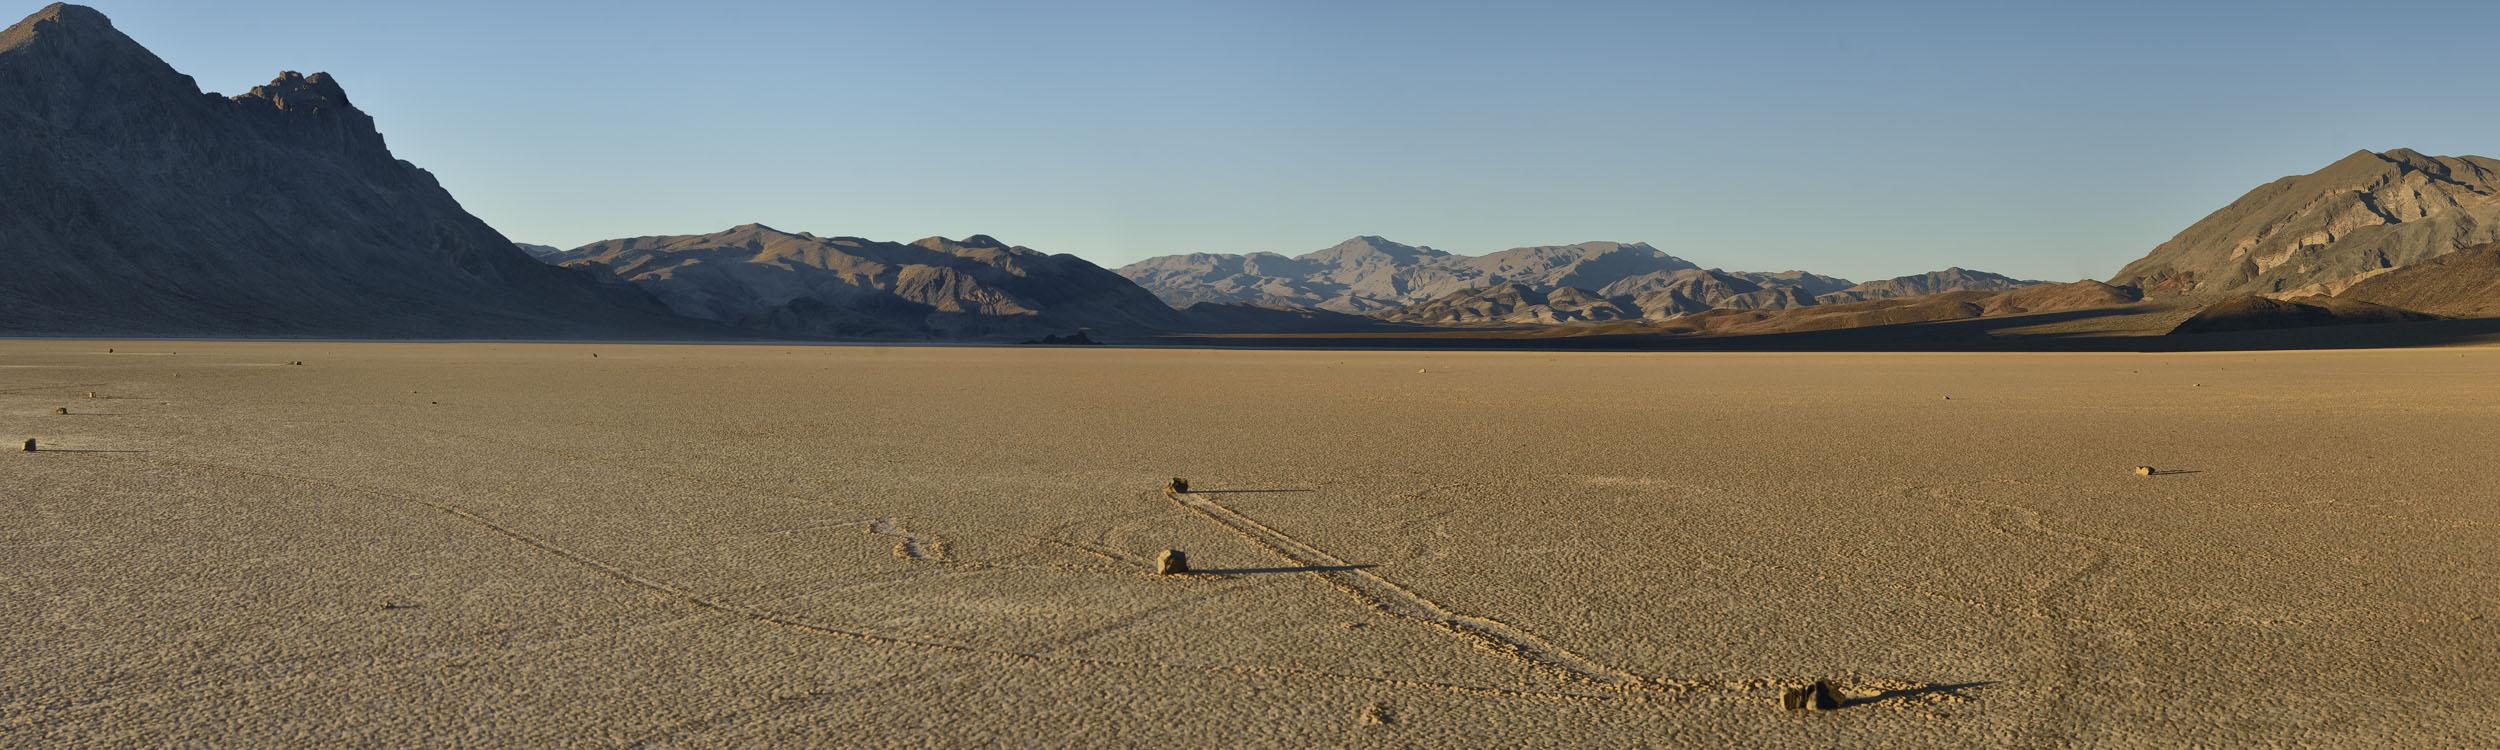 Racetrack Rock, Death Valley NP